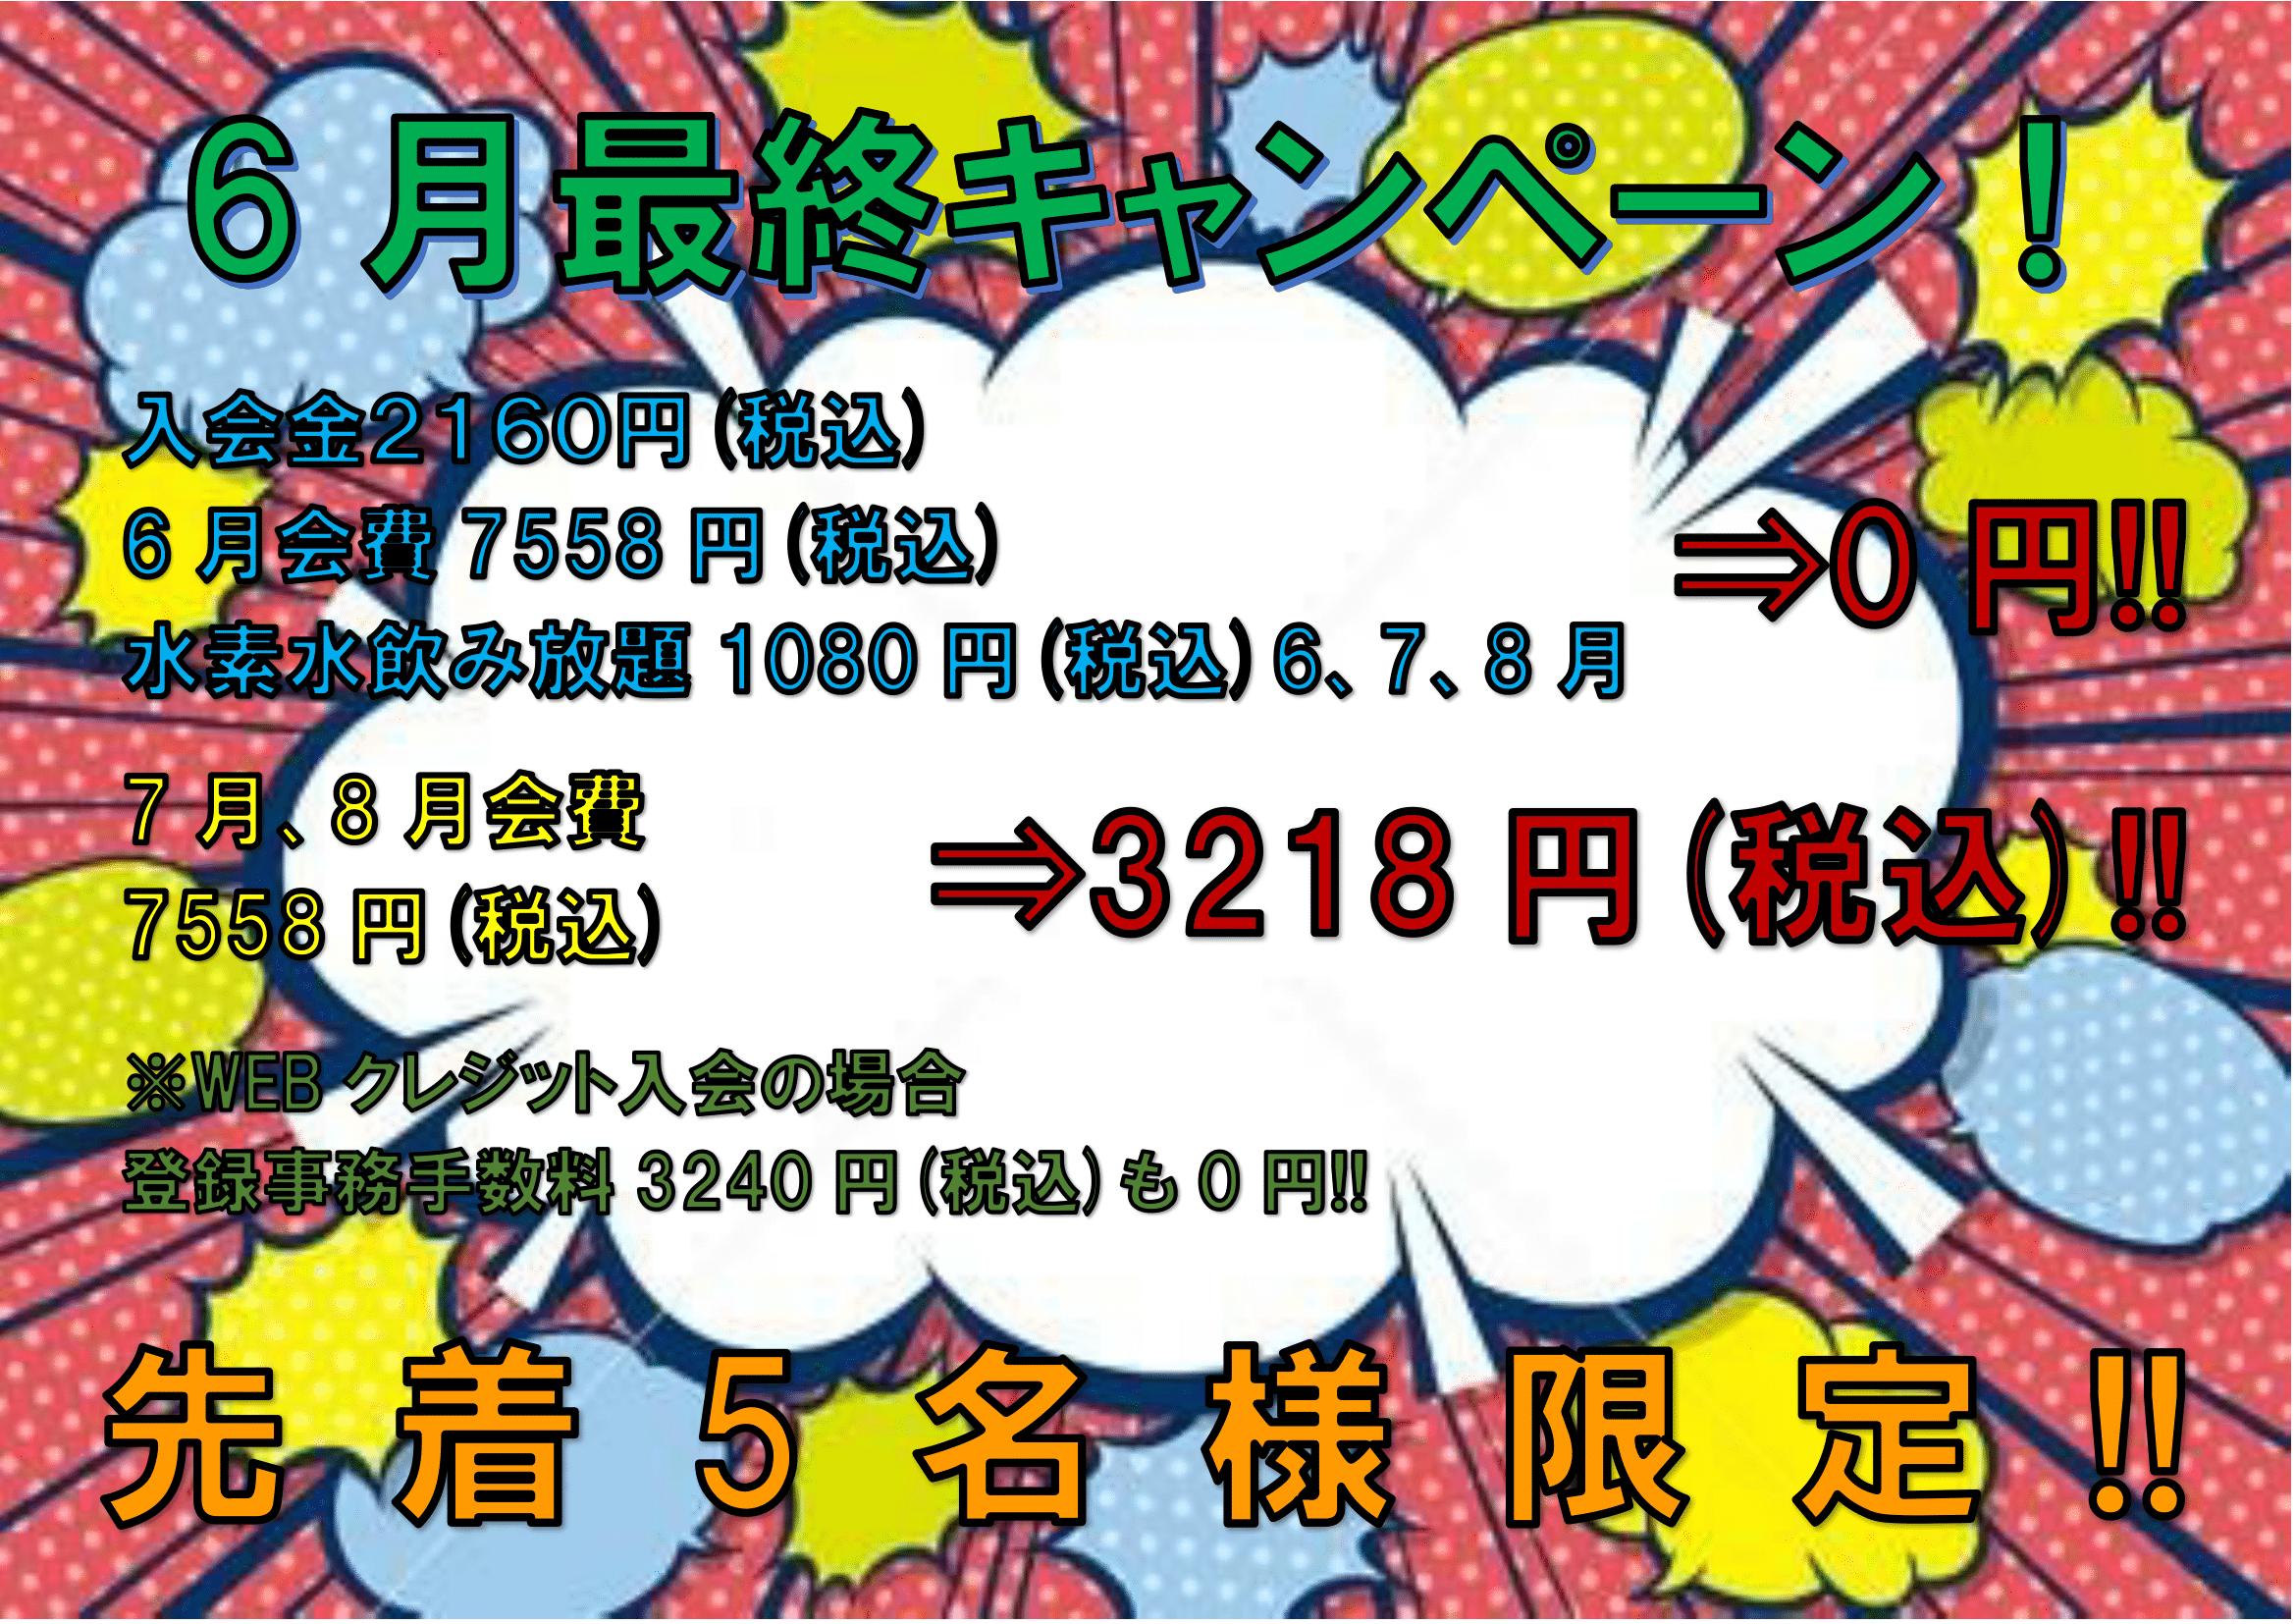 201706譛€邨・P逕サ蜒・1